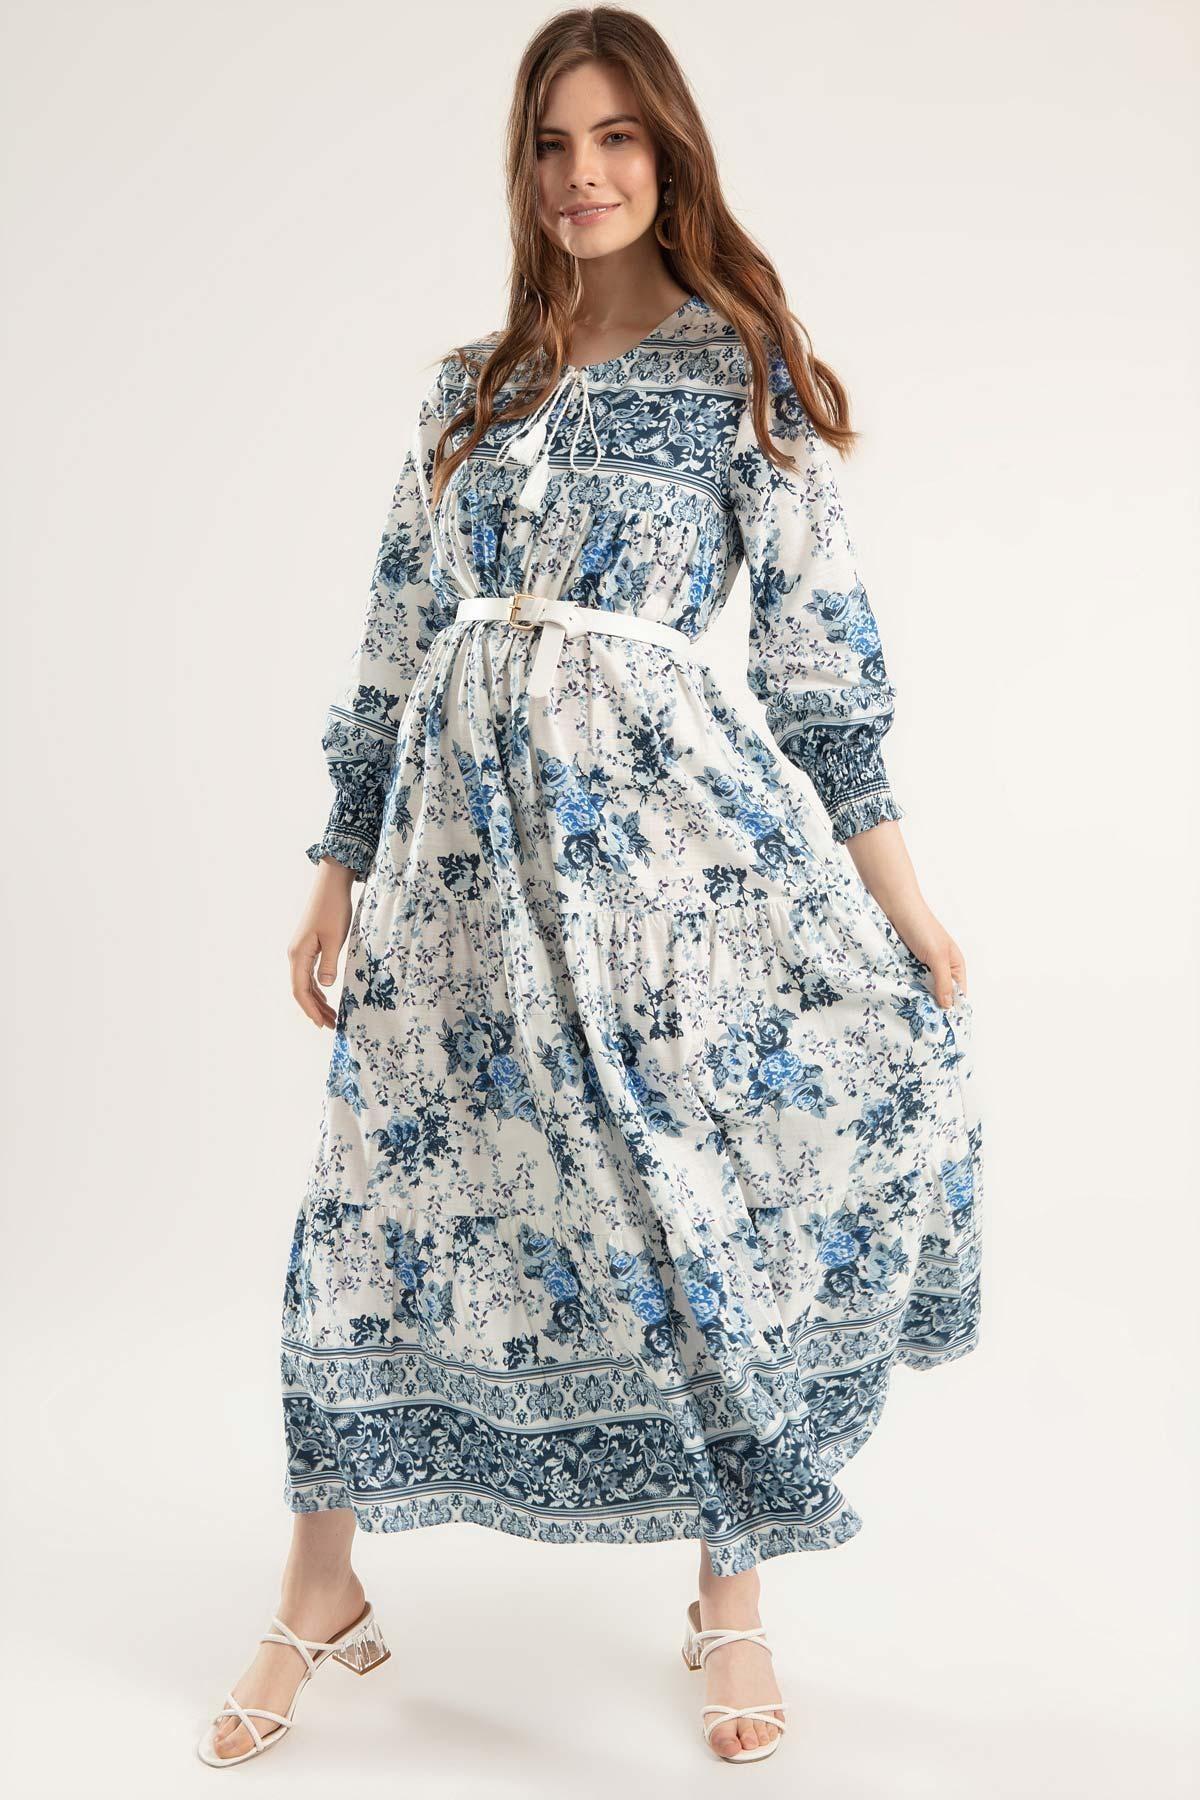 Y-London Kadın Mavi Çiçek Desenli Bileği Lastikli Uzun Elbise Elbise Y20S110-1947